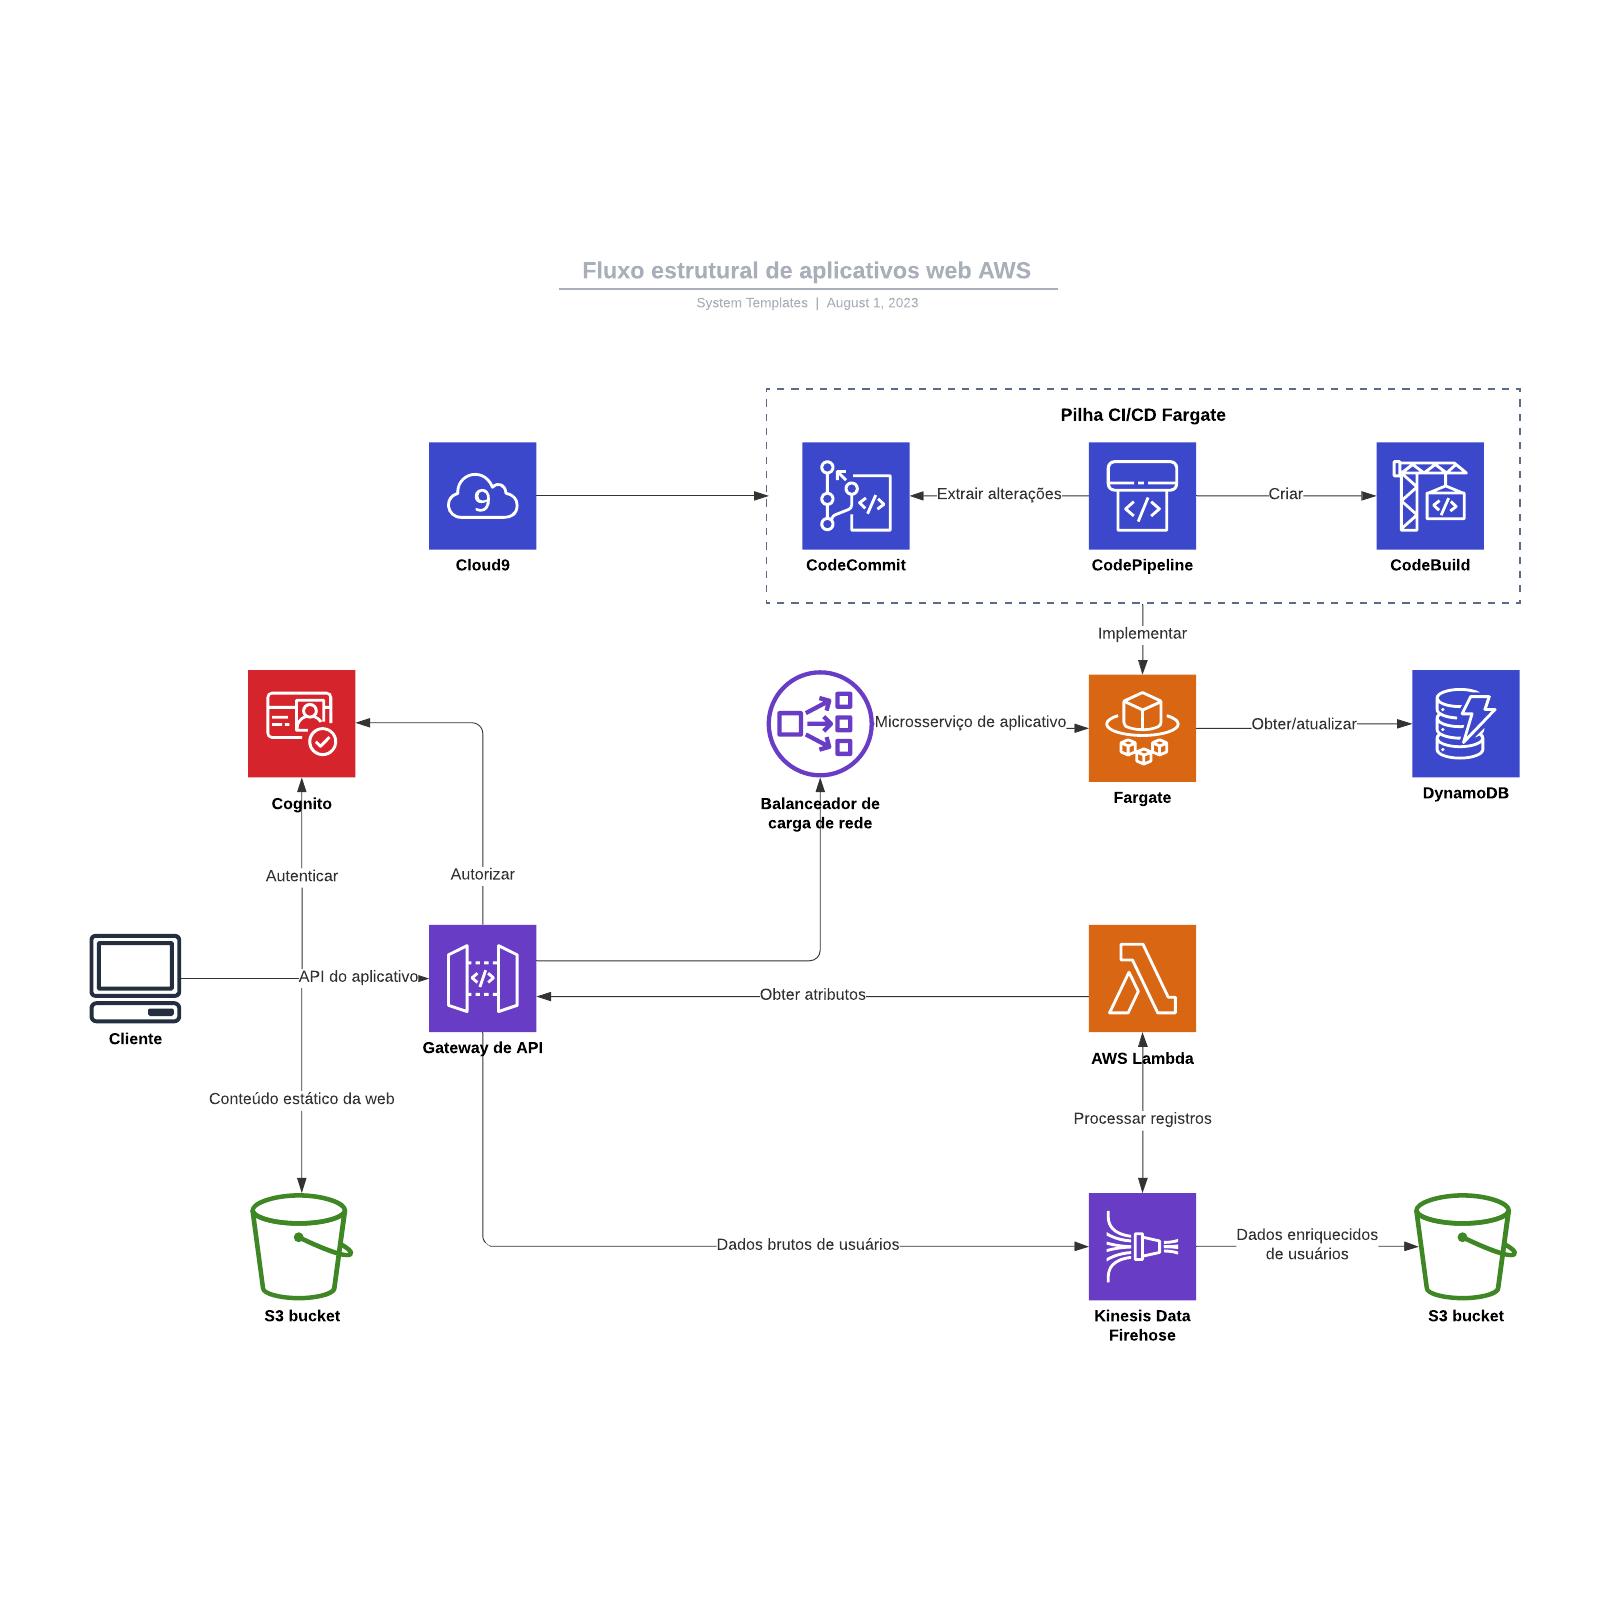 Fluxo estrutural de aplicativos web AWS